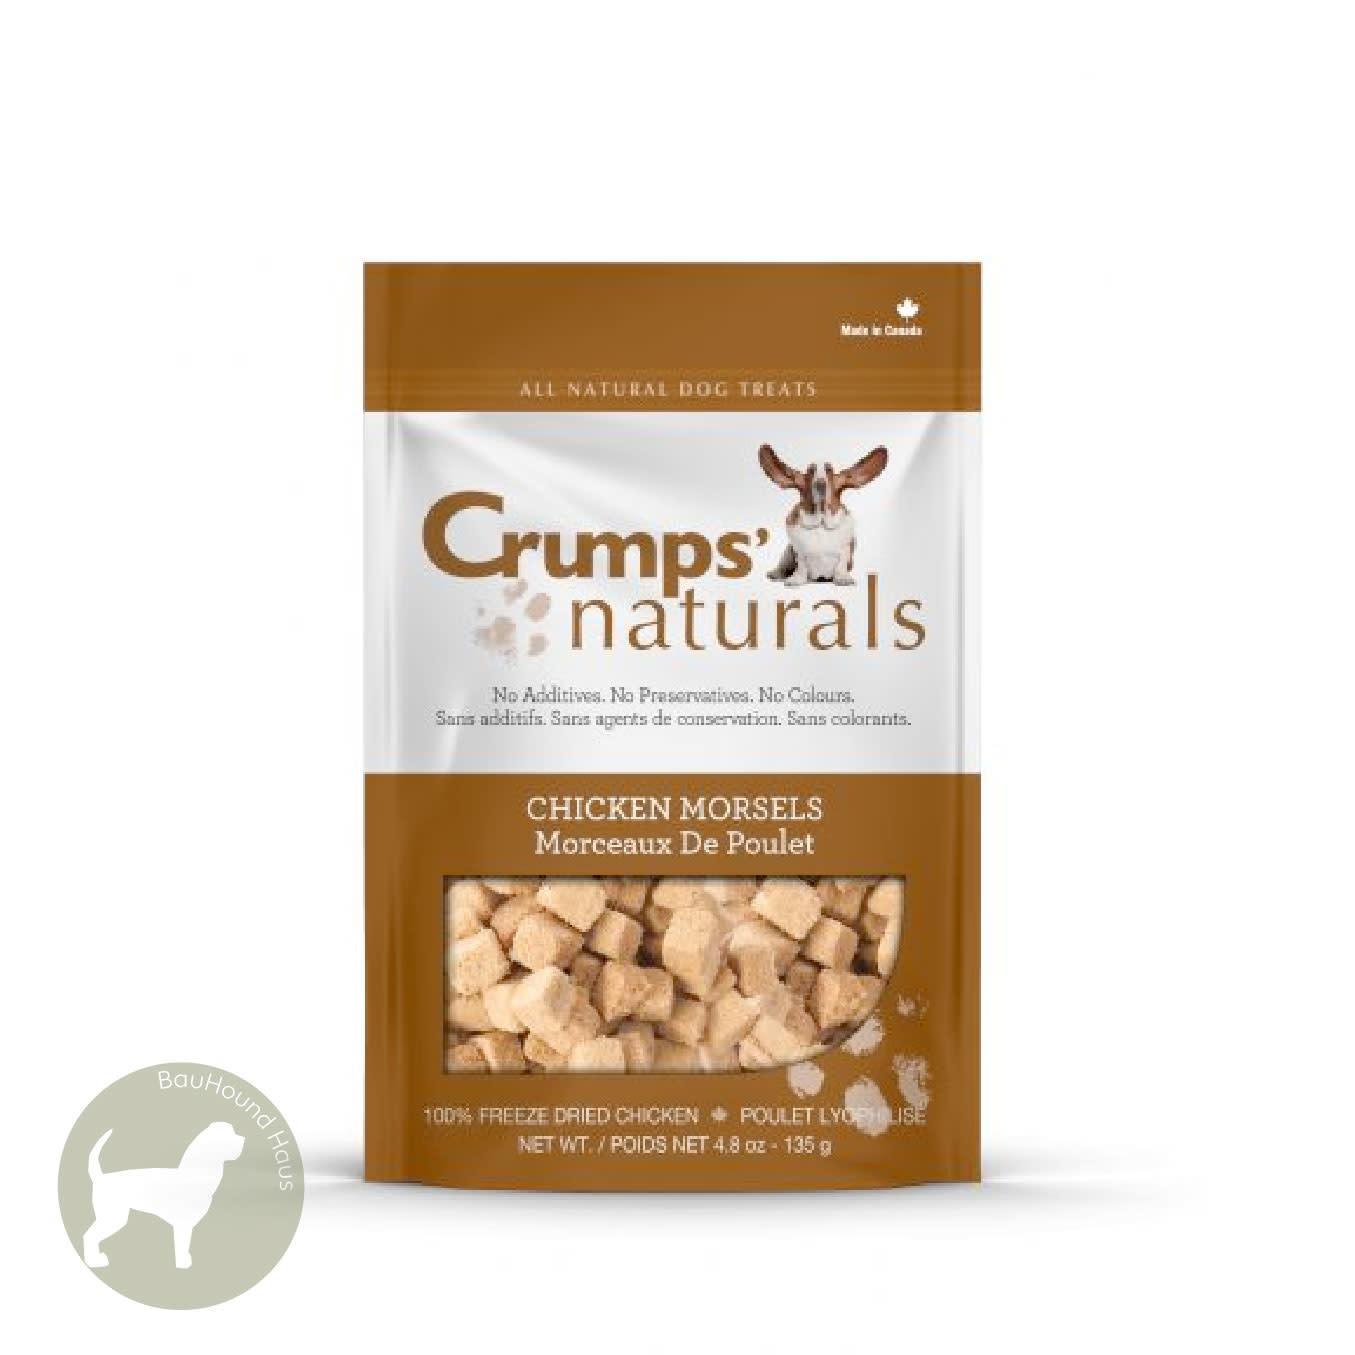 Crumps Crumps Naturals Chicken Morsels, 135g